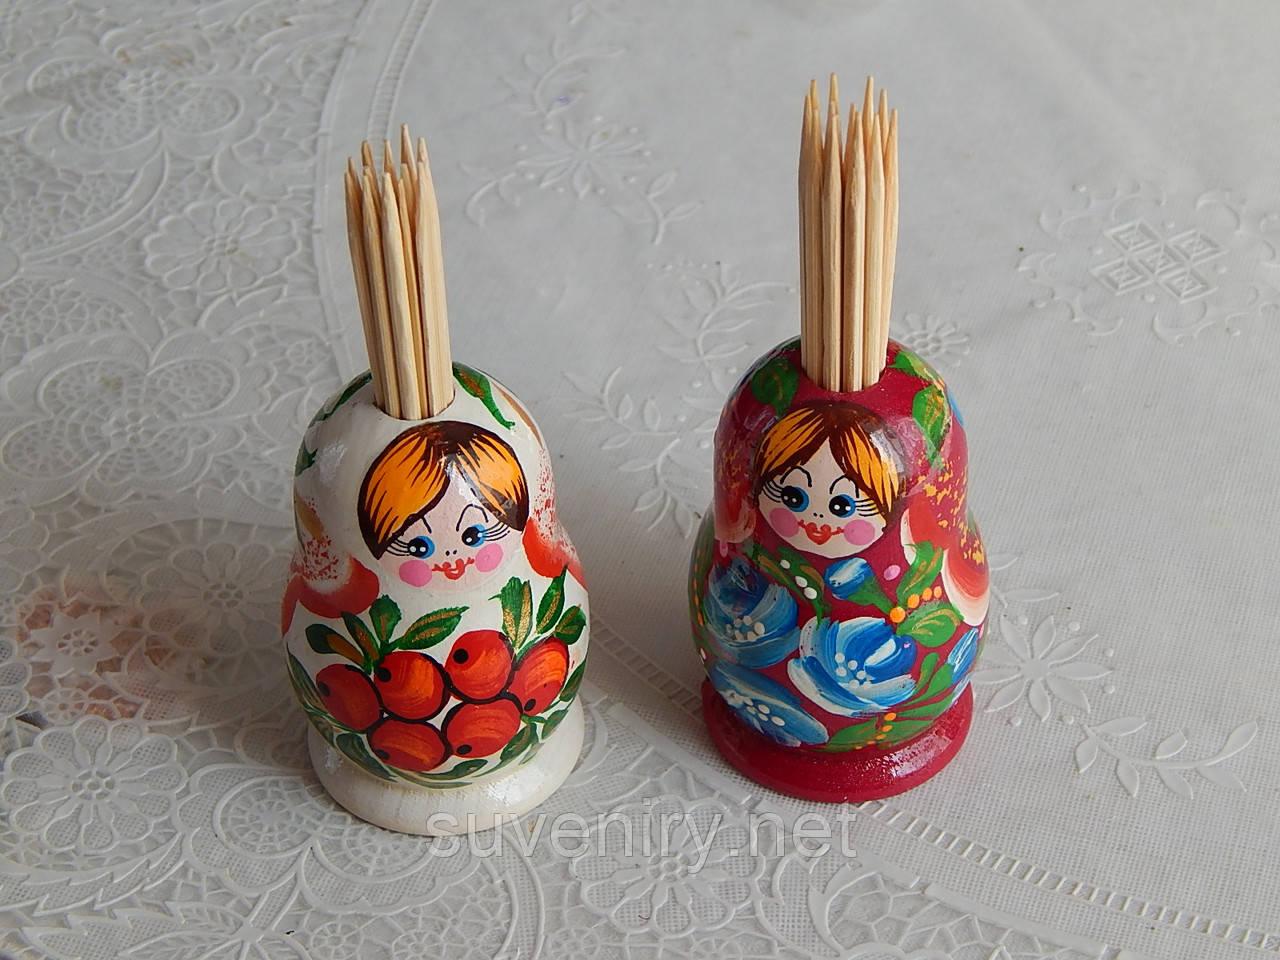 Сувенирная матрешка с зубочистками миниатюрная живопись